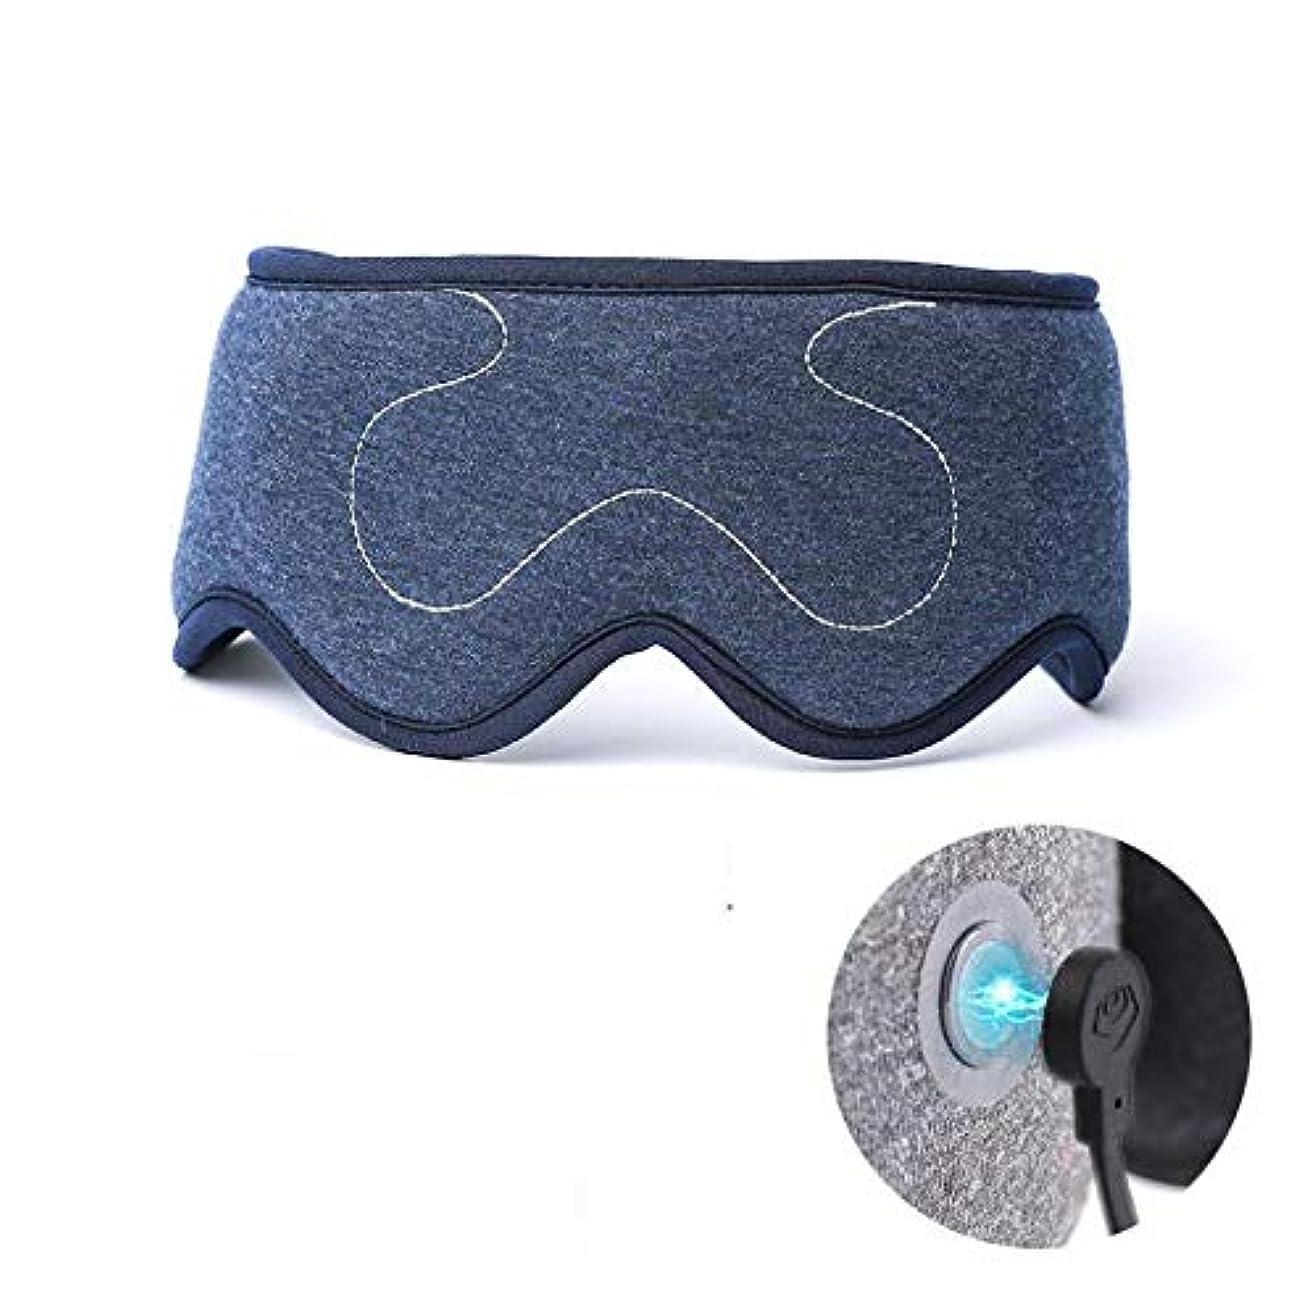 打倒閃光不愉快にNOTE HANRIVERは目の疲れを軽減するために目隠しusb加熱暖房蒸気を圧縮します3 d大きな日陰睡眠マスク